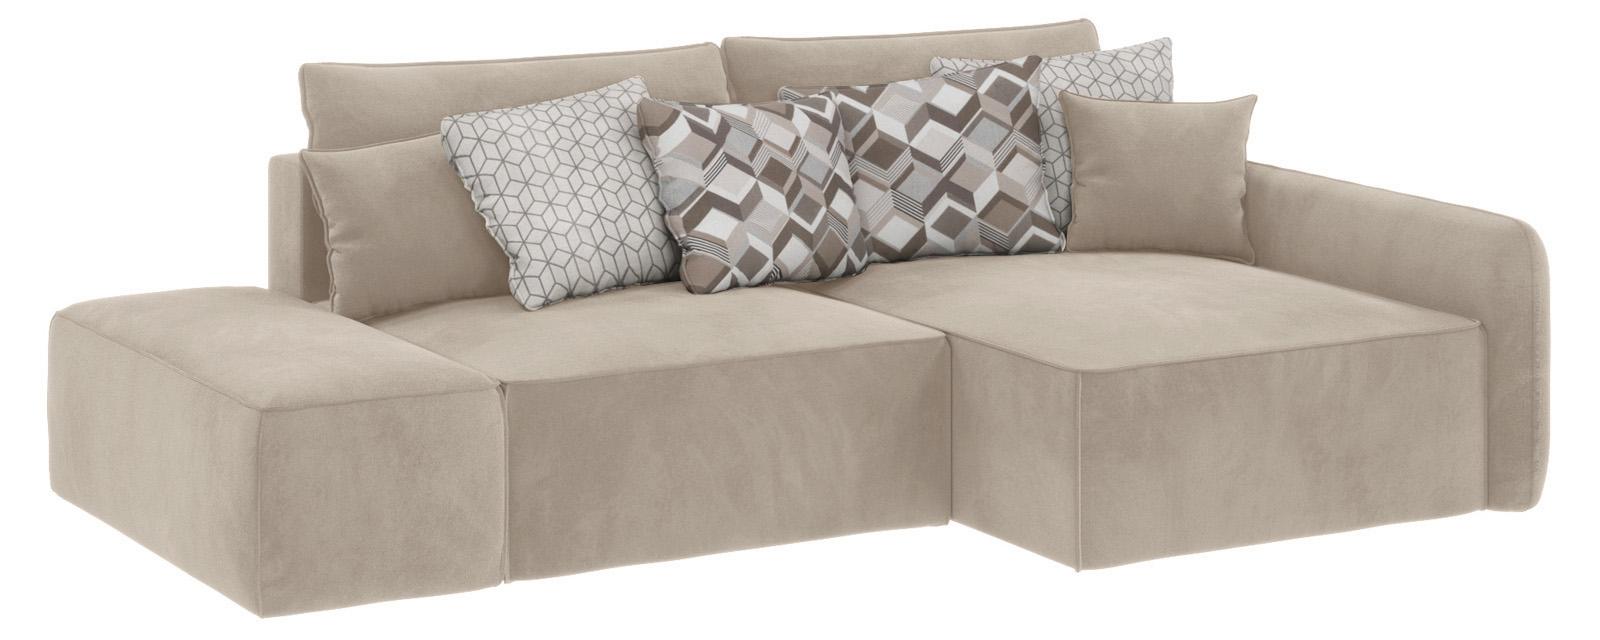 Модульный диван Портленд вариант №3 Soft светло-бежевый (Вел-флок, правый)